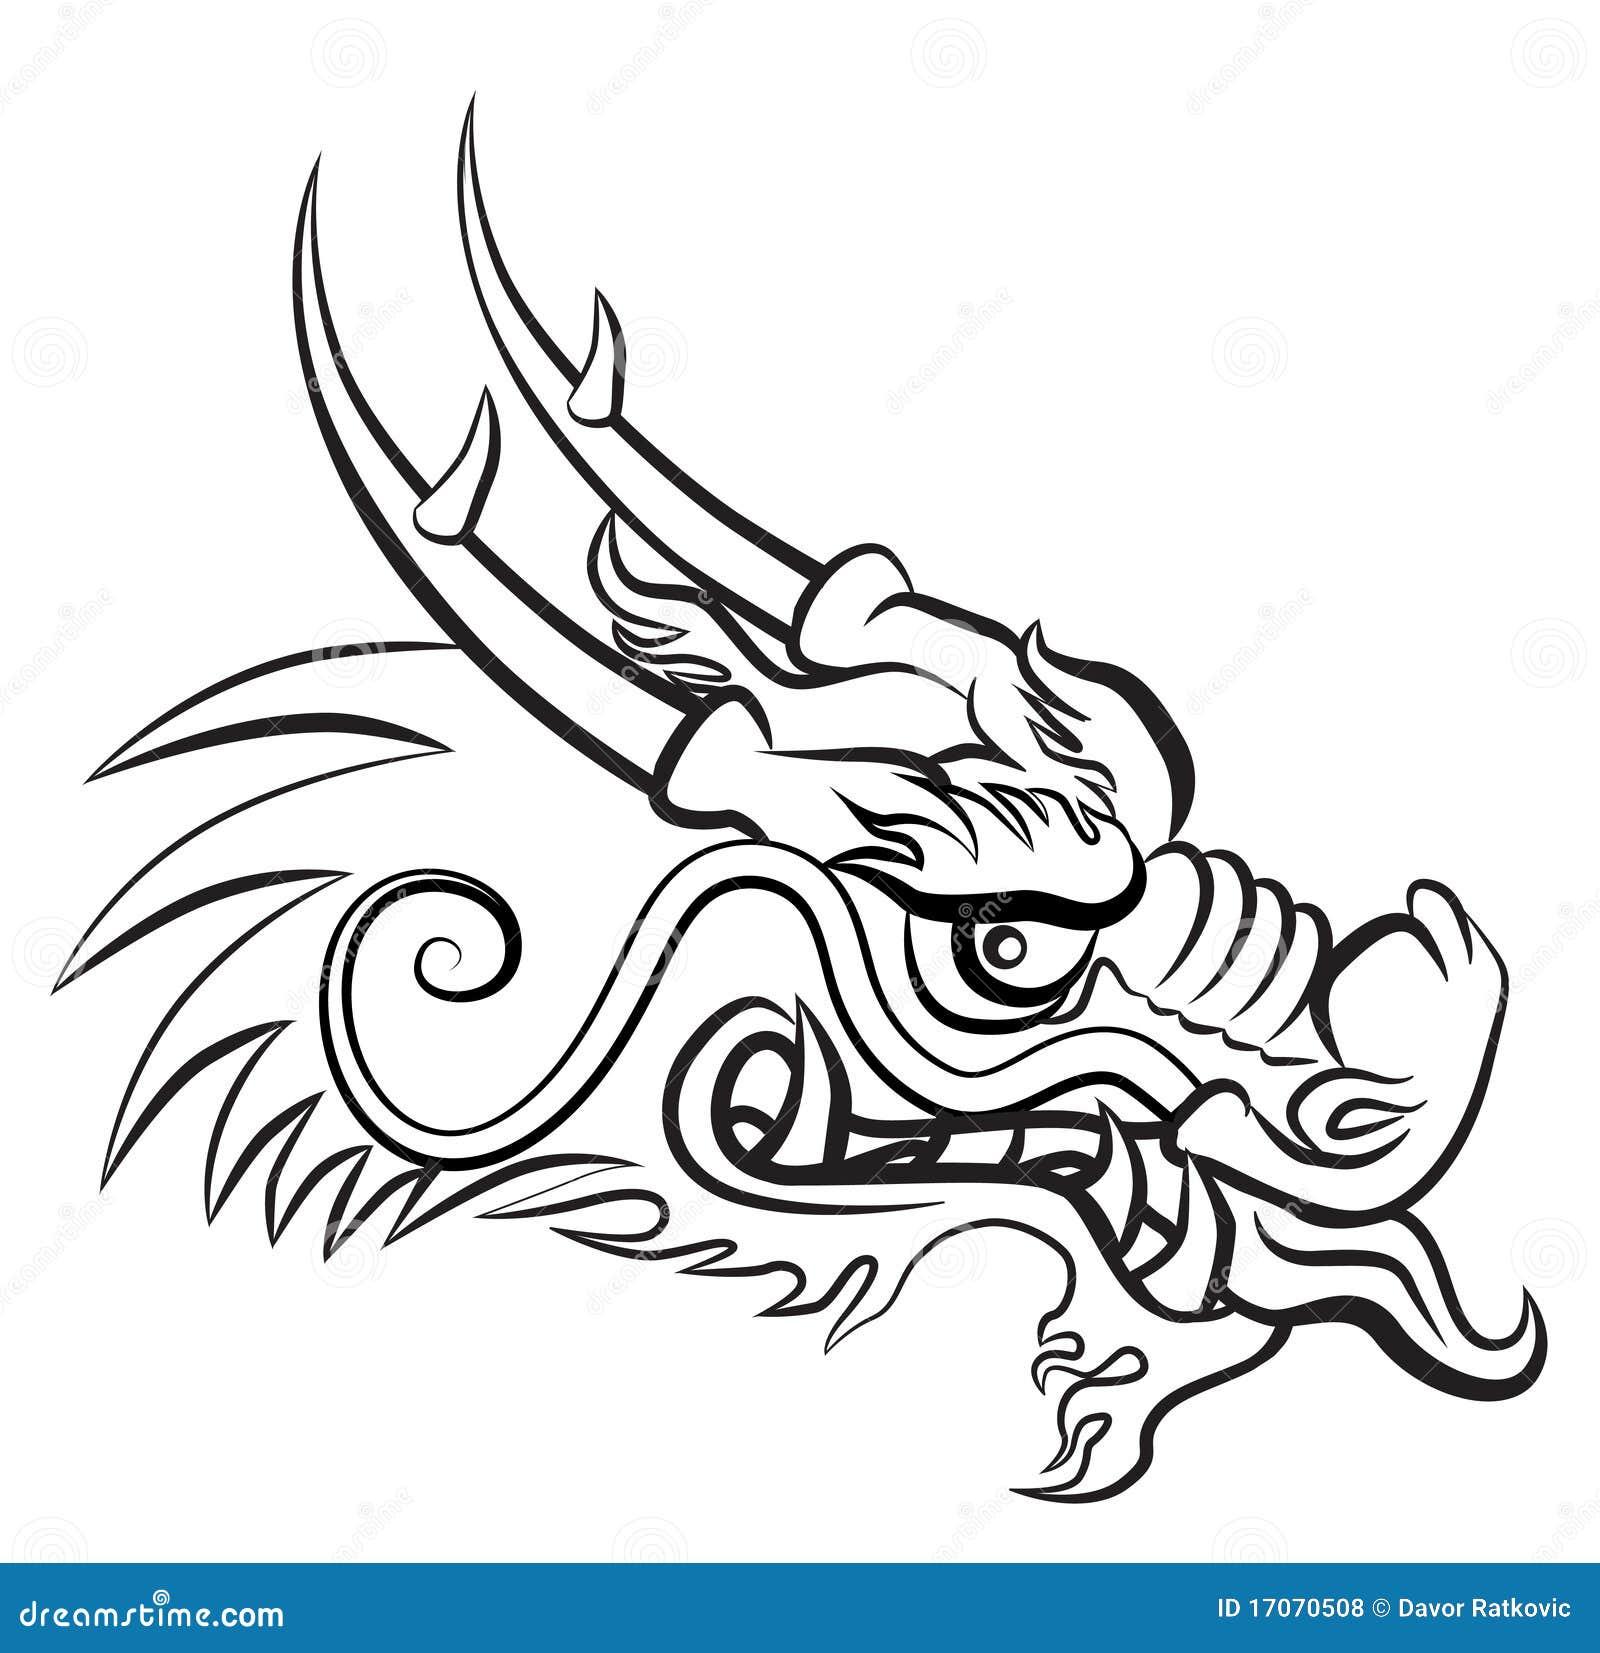 Dessin Dragon Japonais evil dragon stock vector. illustration of head, illustration - 17070508